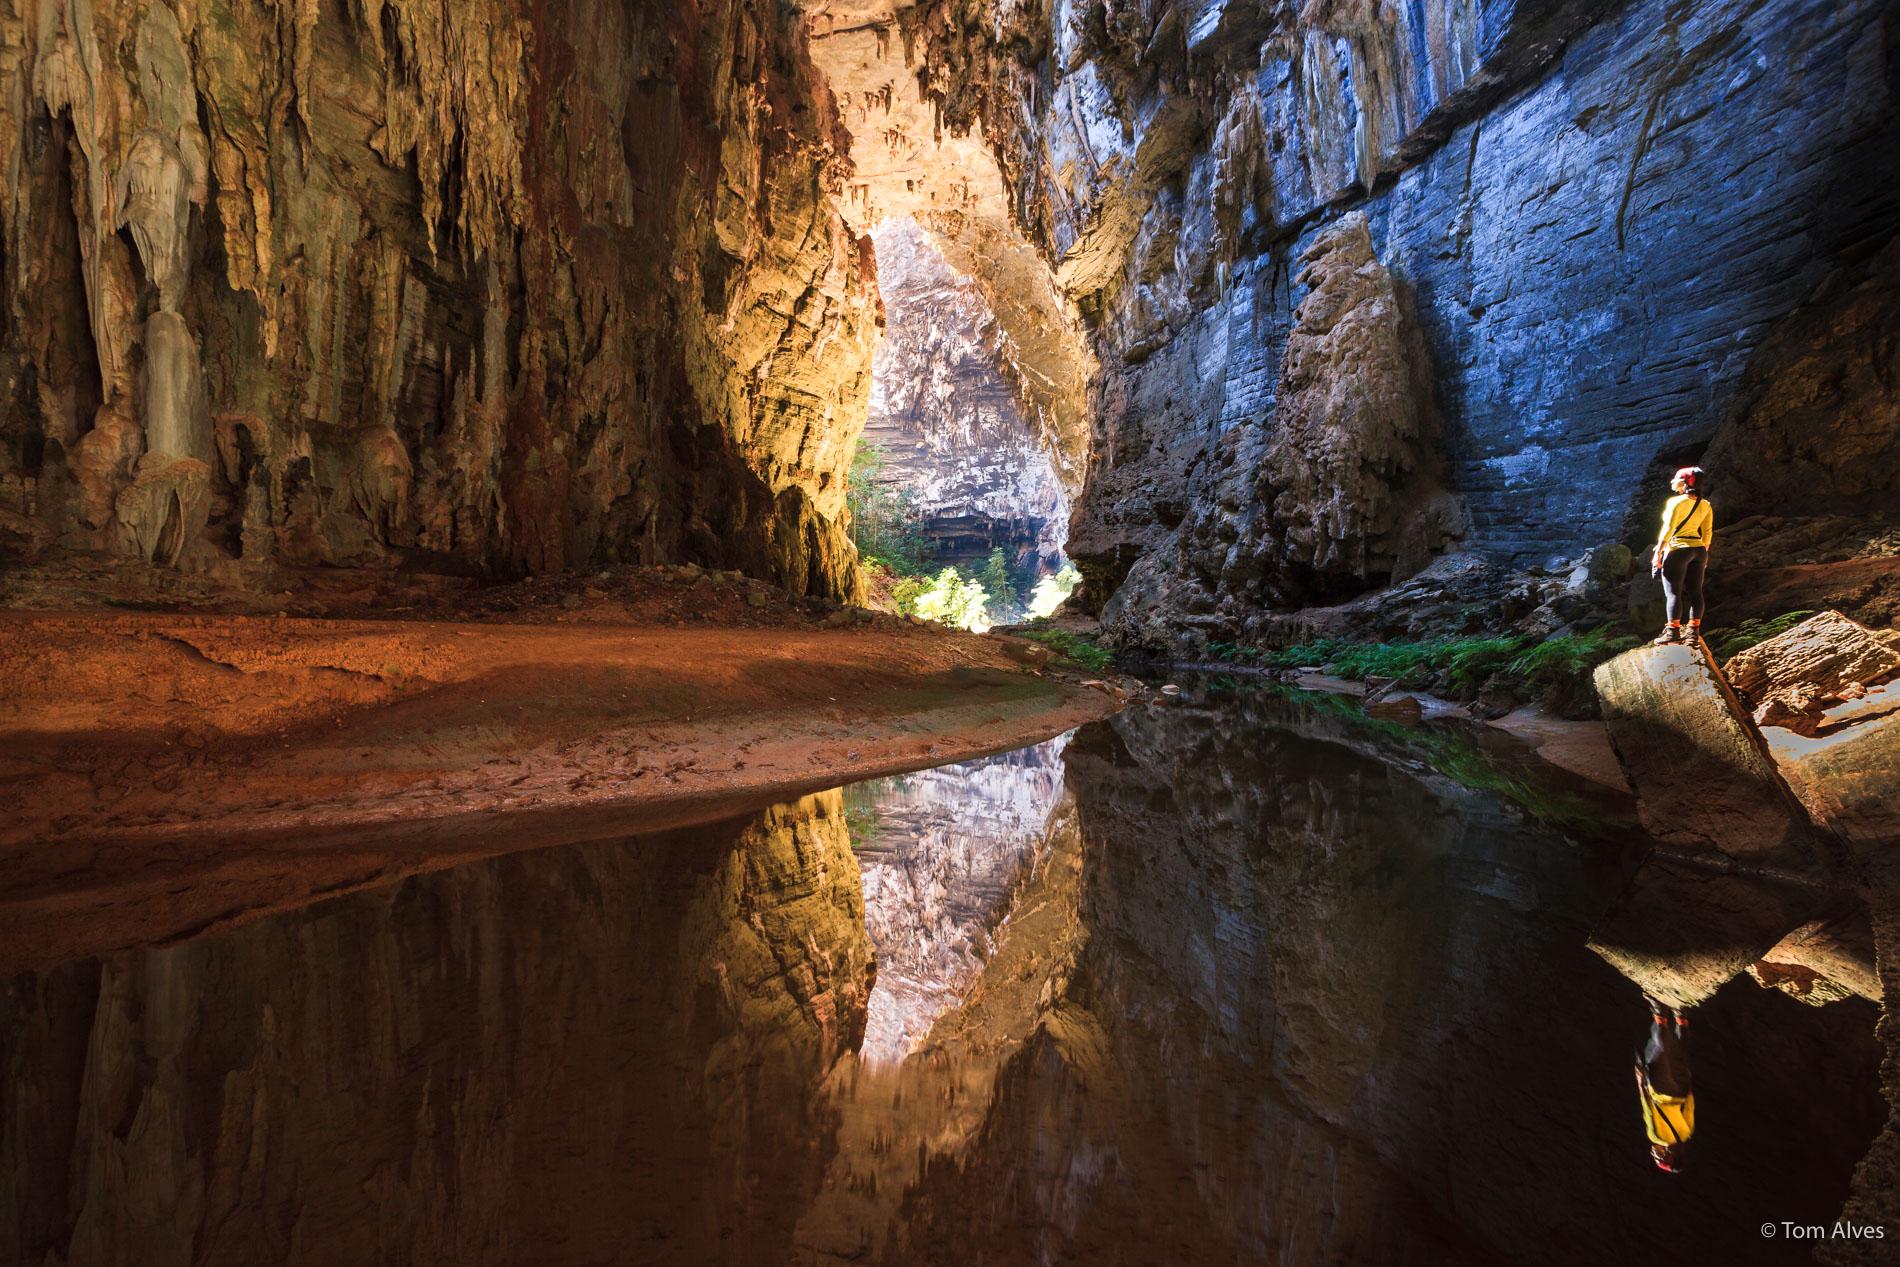 Caverna do janelão parque nacional do peruaçu